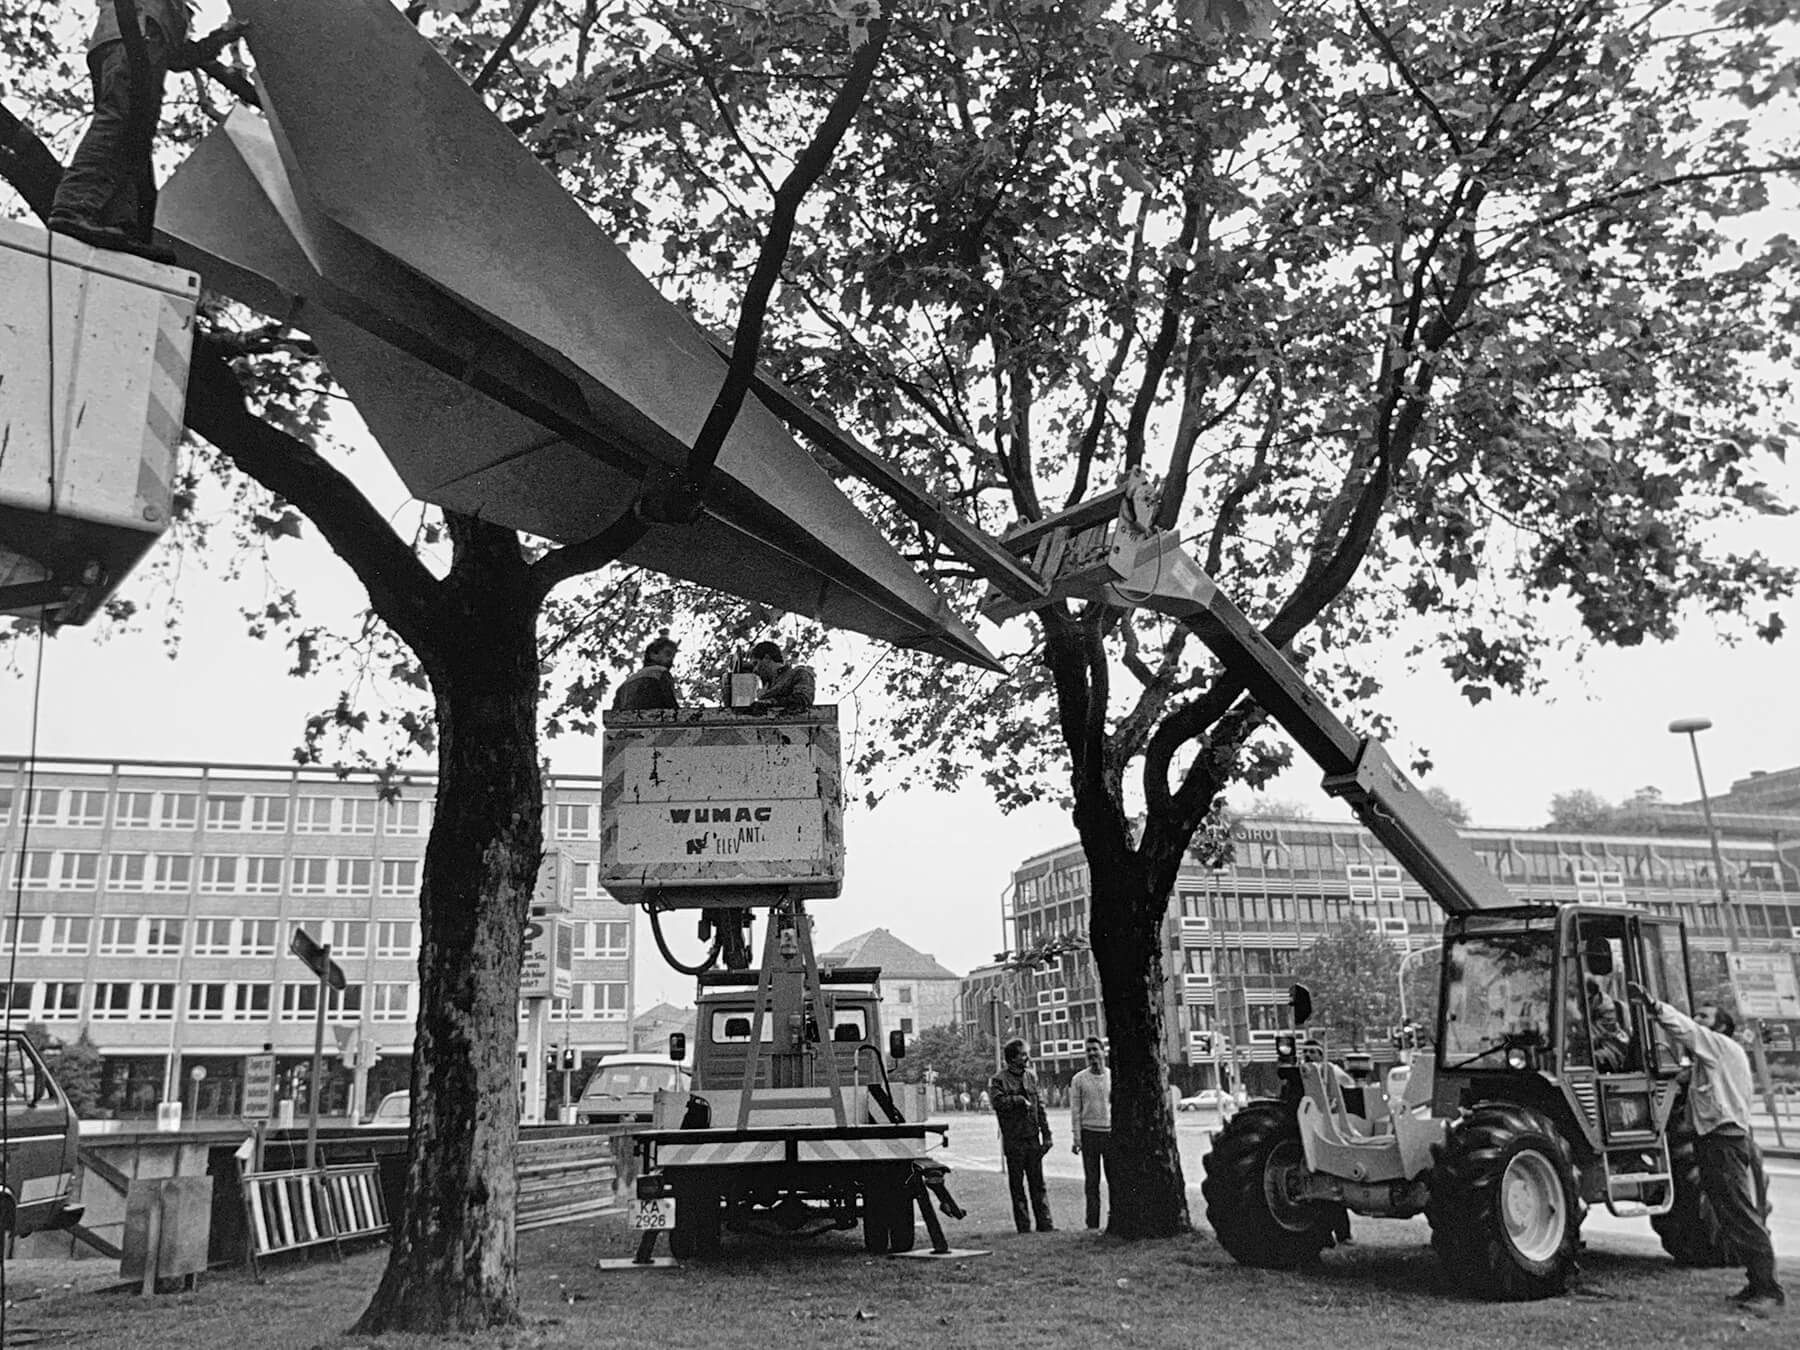 Bildhauer OMI Riesterer Karlsruhe Projekte Kunst im öffentlichen Raum Flieger im Baum